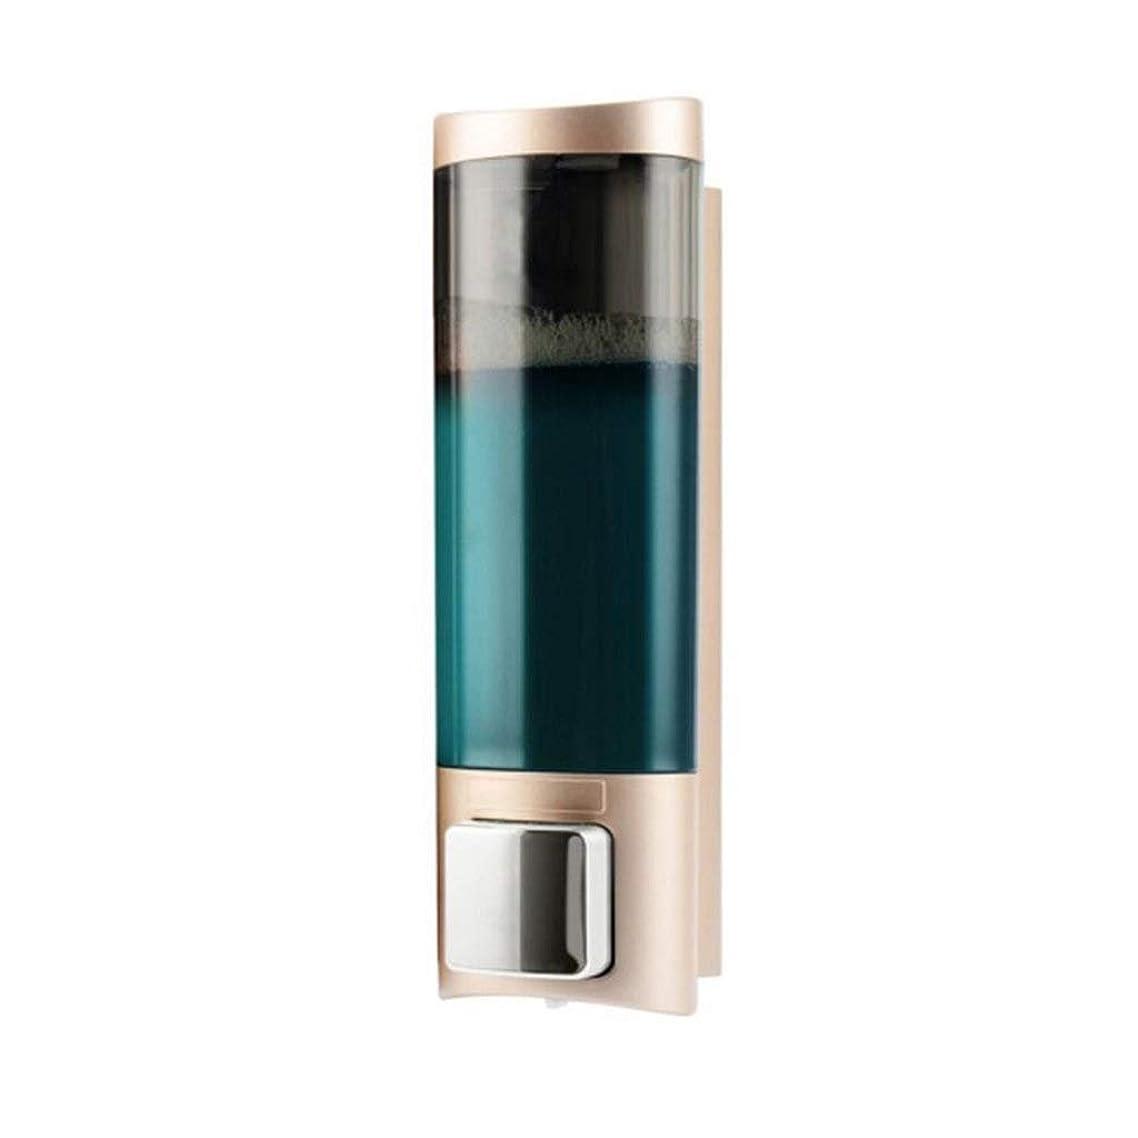 寸法鑑定消毒剤Kylinssh 液体石鹸ディスペンサーポンプ、浴室または台所、家のホテル - ステンレス鋼のために理想的な壁の台紙の石鹸/ローションディスペンサーポンプ